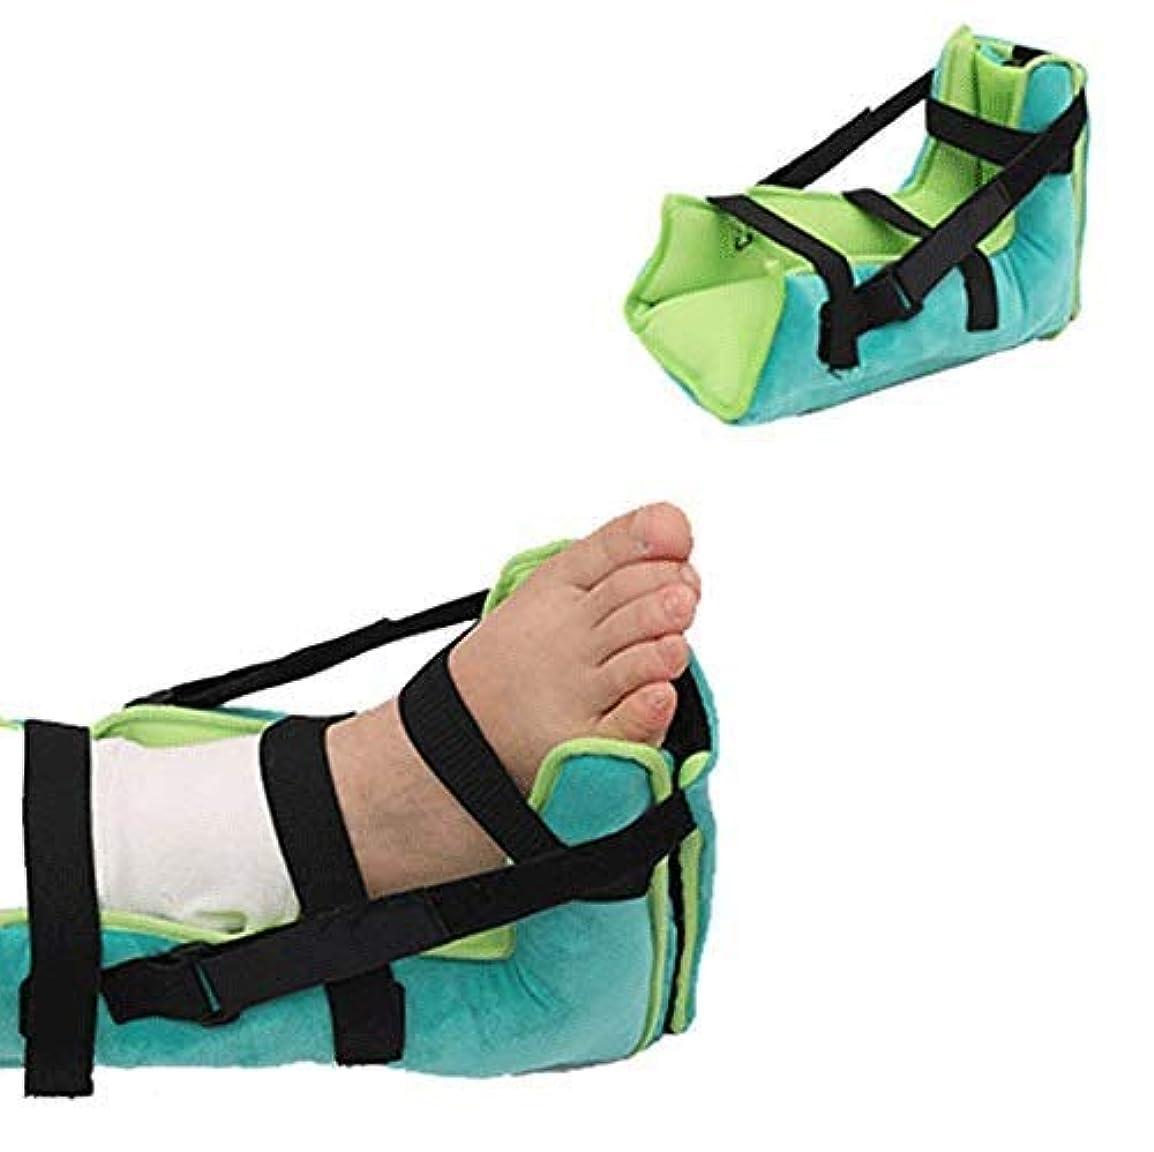 焦がす端アシストかかとプロテクター枕、足補正カバー、抗、瘡ヒールパッド、効果的なPressure瘡とHe潰瘍の救済 高弾性シルクコットン充填 (Size : 1PCS)